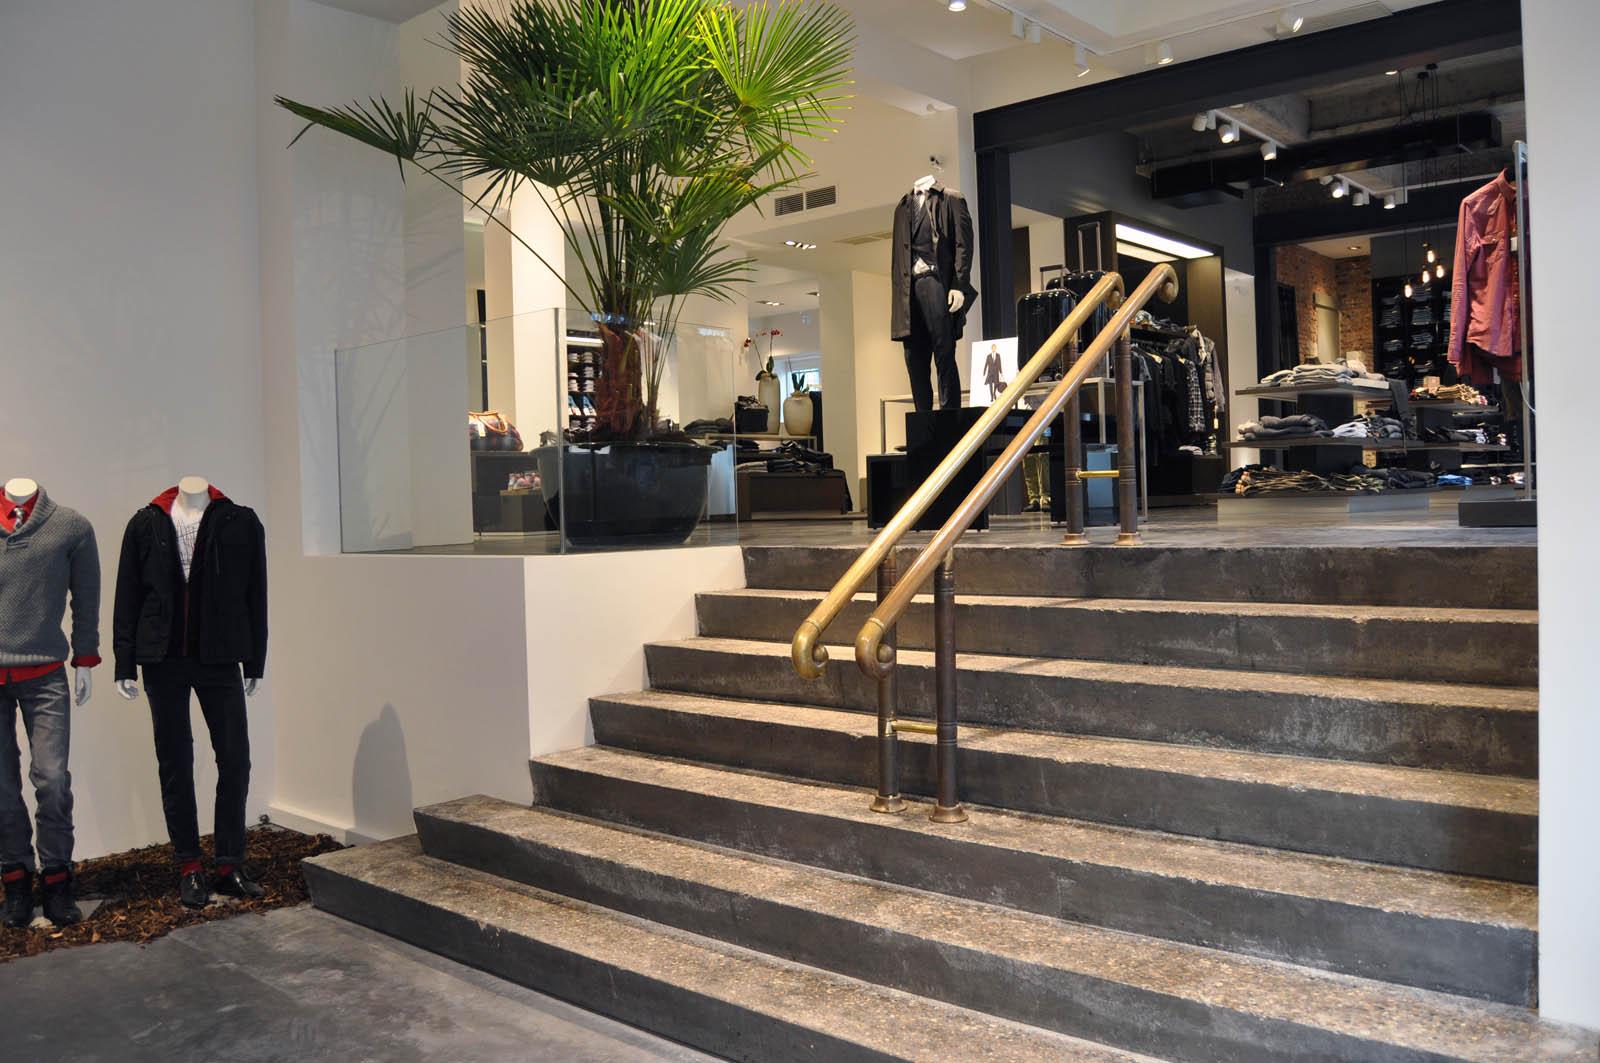 Stair, Hugo Boss in Alkmaar, by Jeroen de Nijs